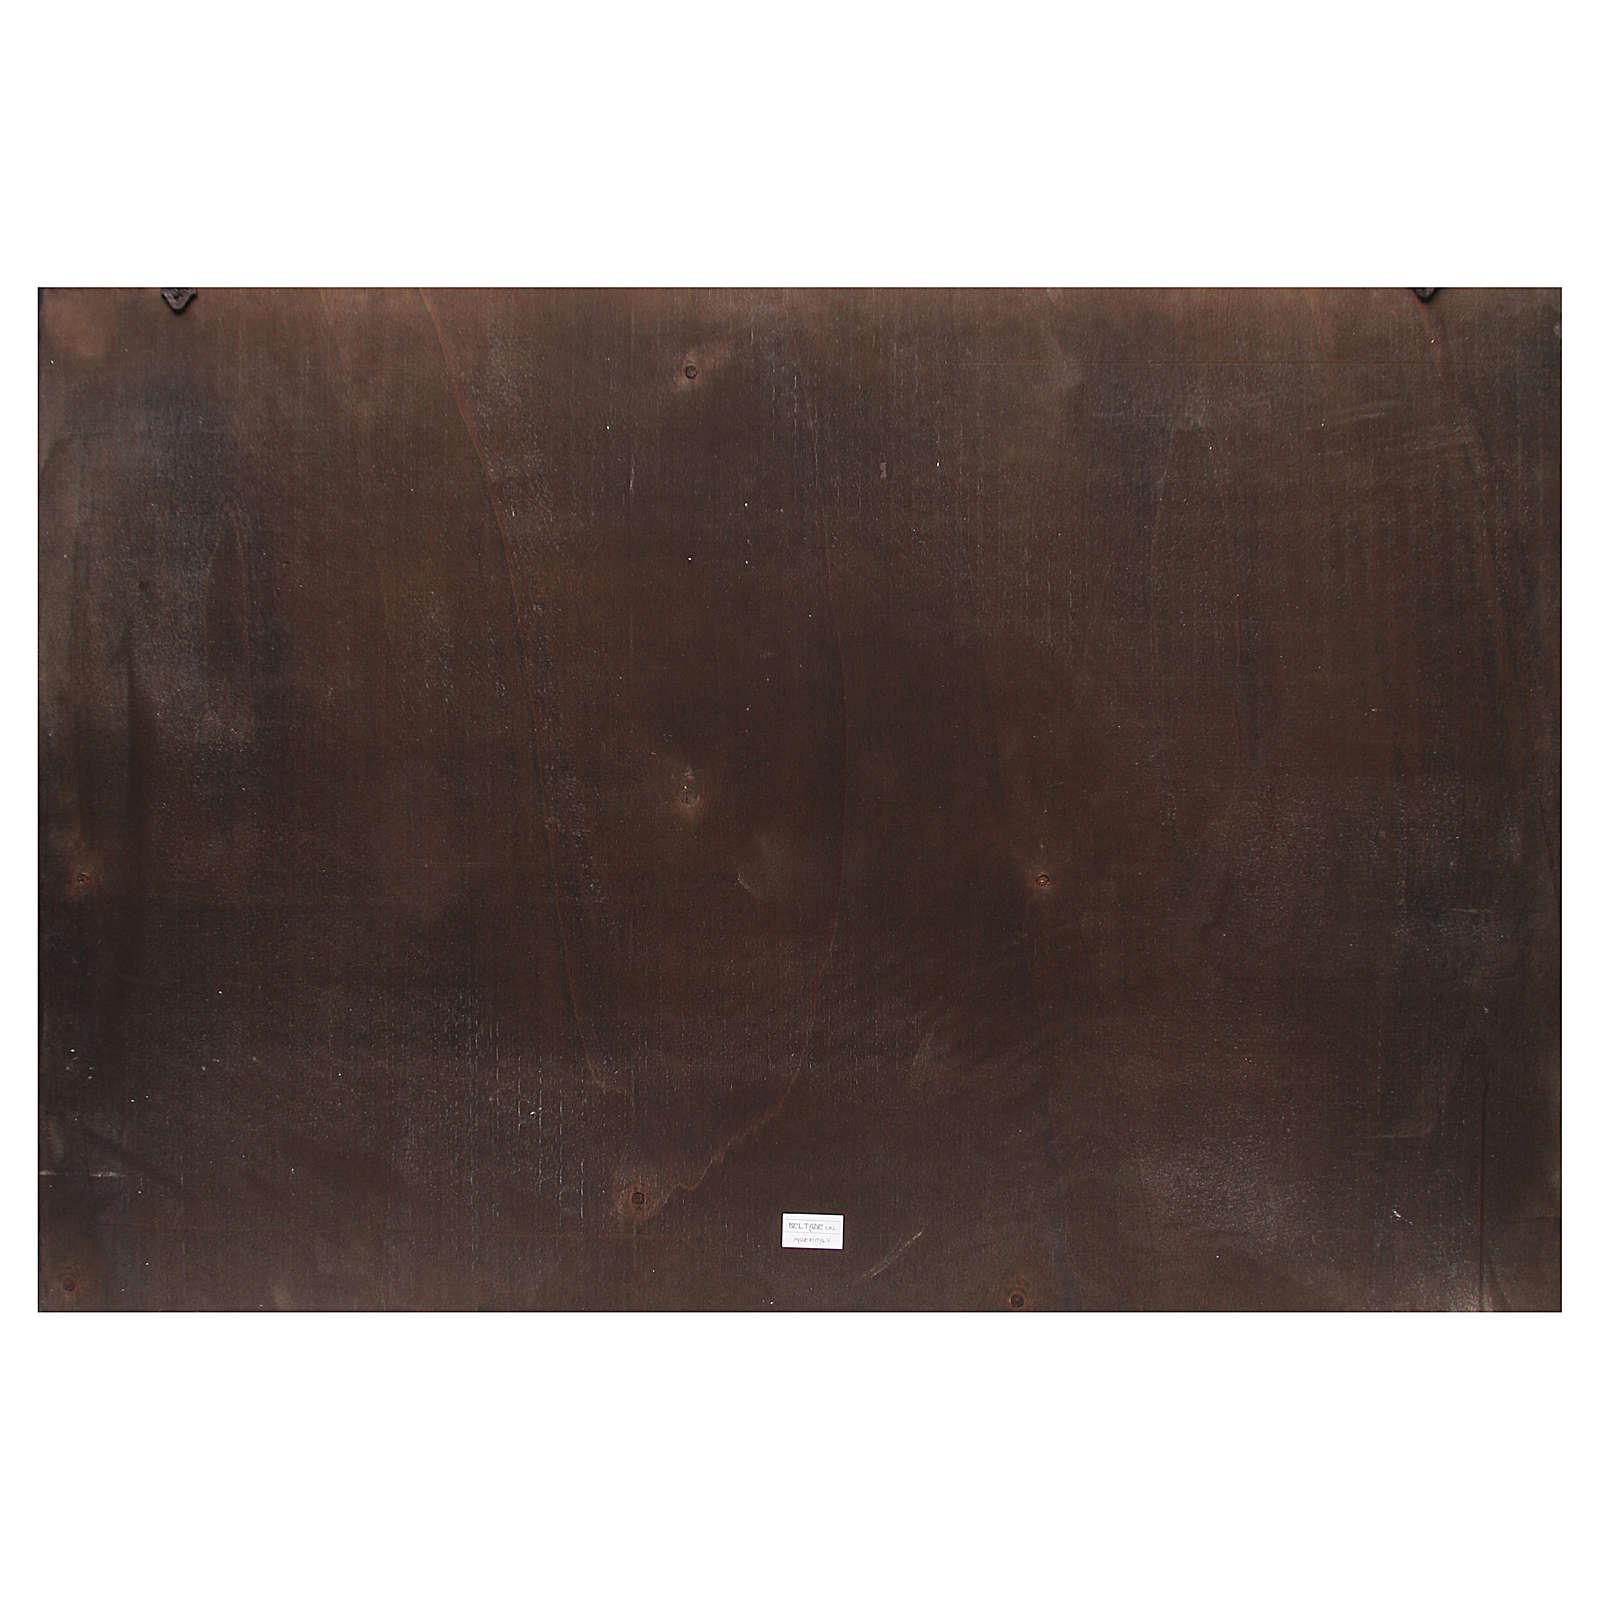 Toile de fond crèche bois ville arabe 100x68cm 4